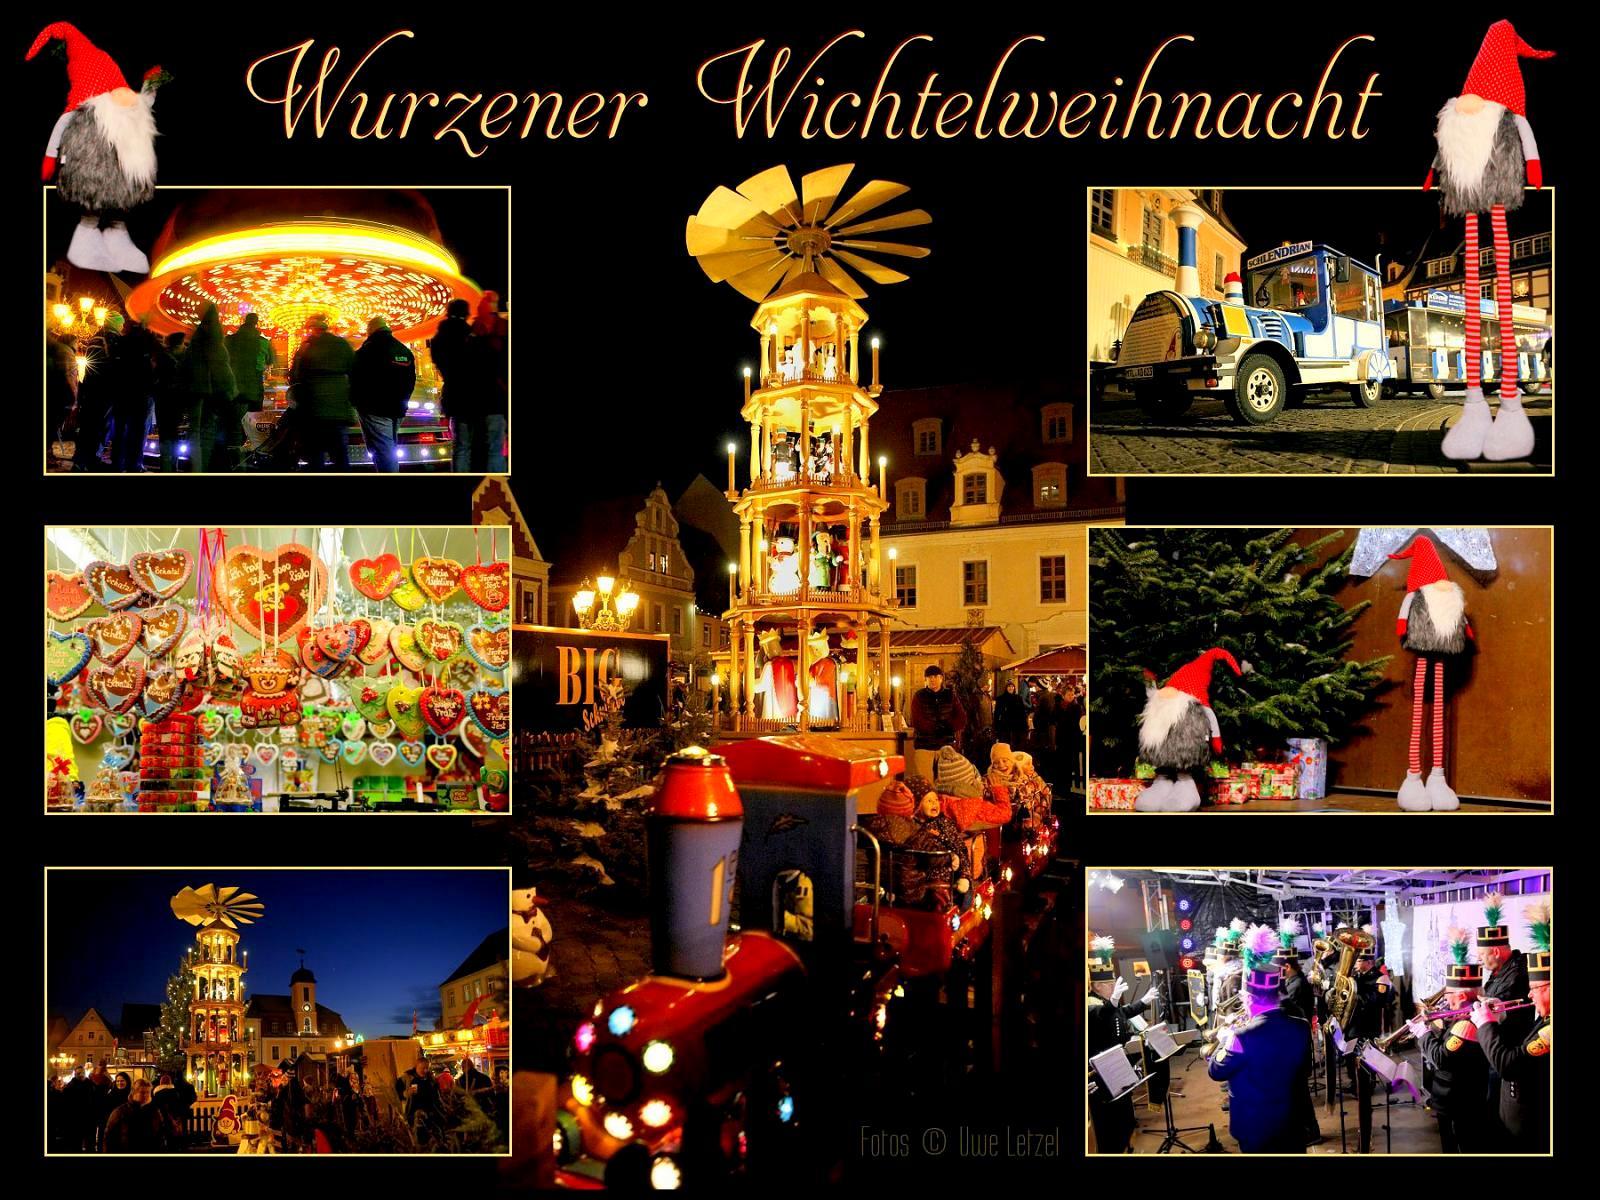 Weihnachtsmarkt L.Leipzig Weihnachtsmarkt 2018 Leipzig Sachsen De